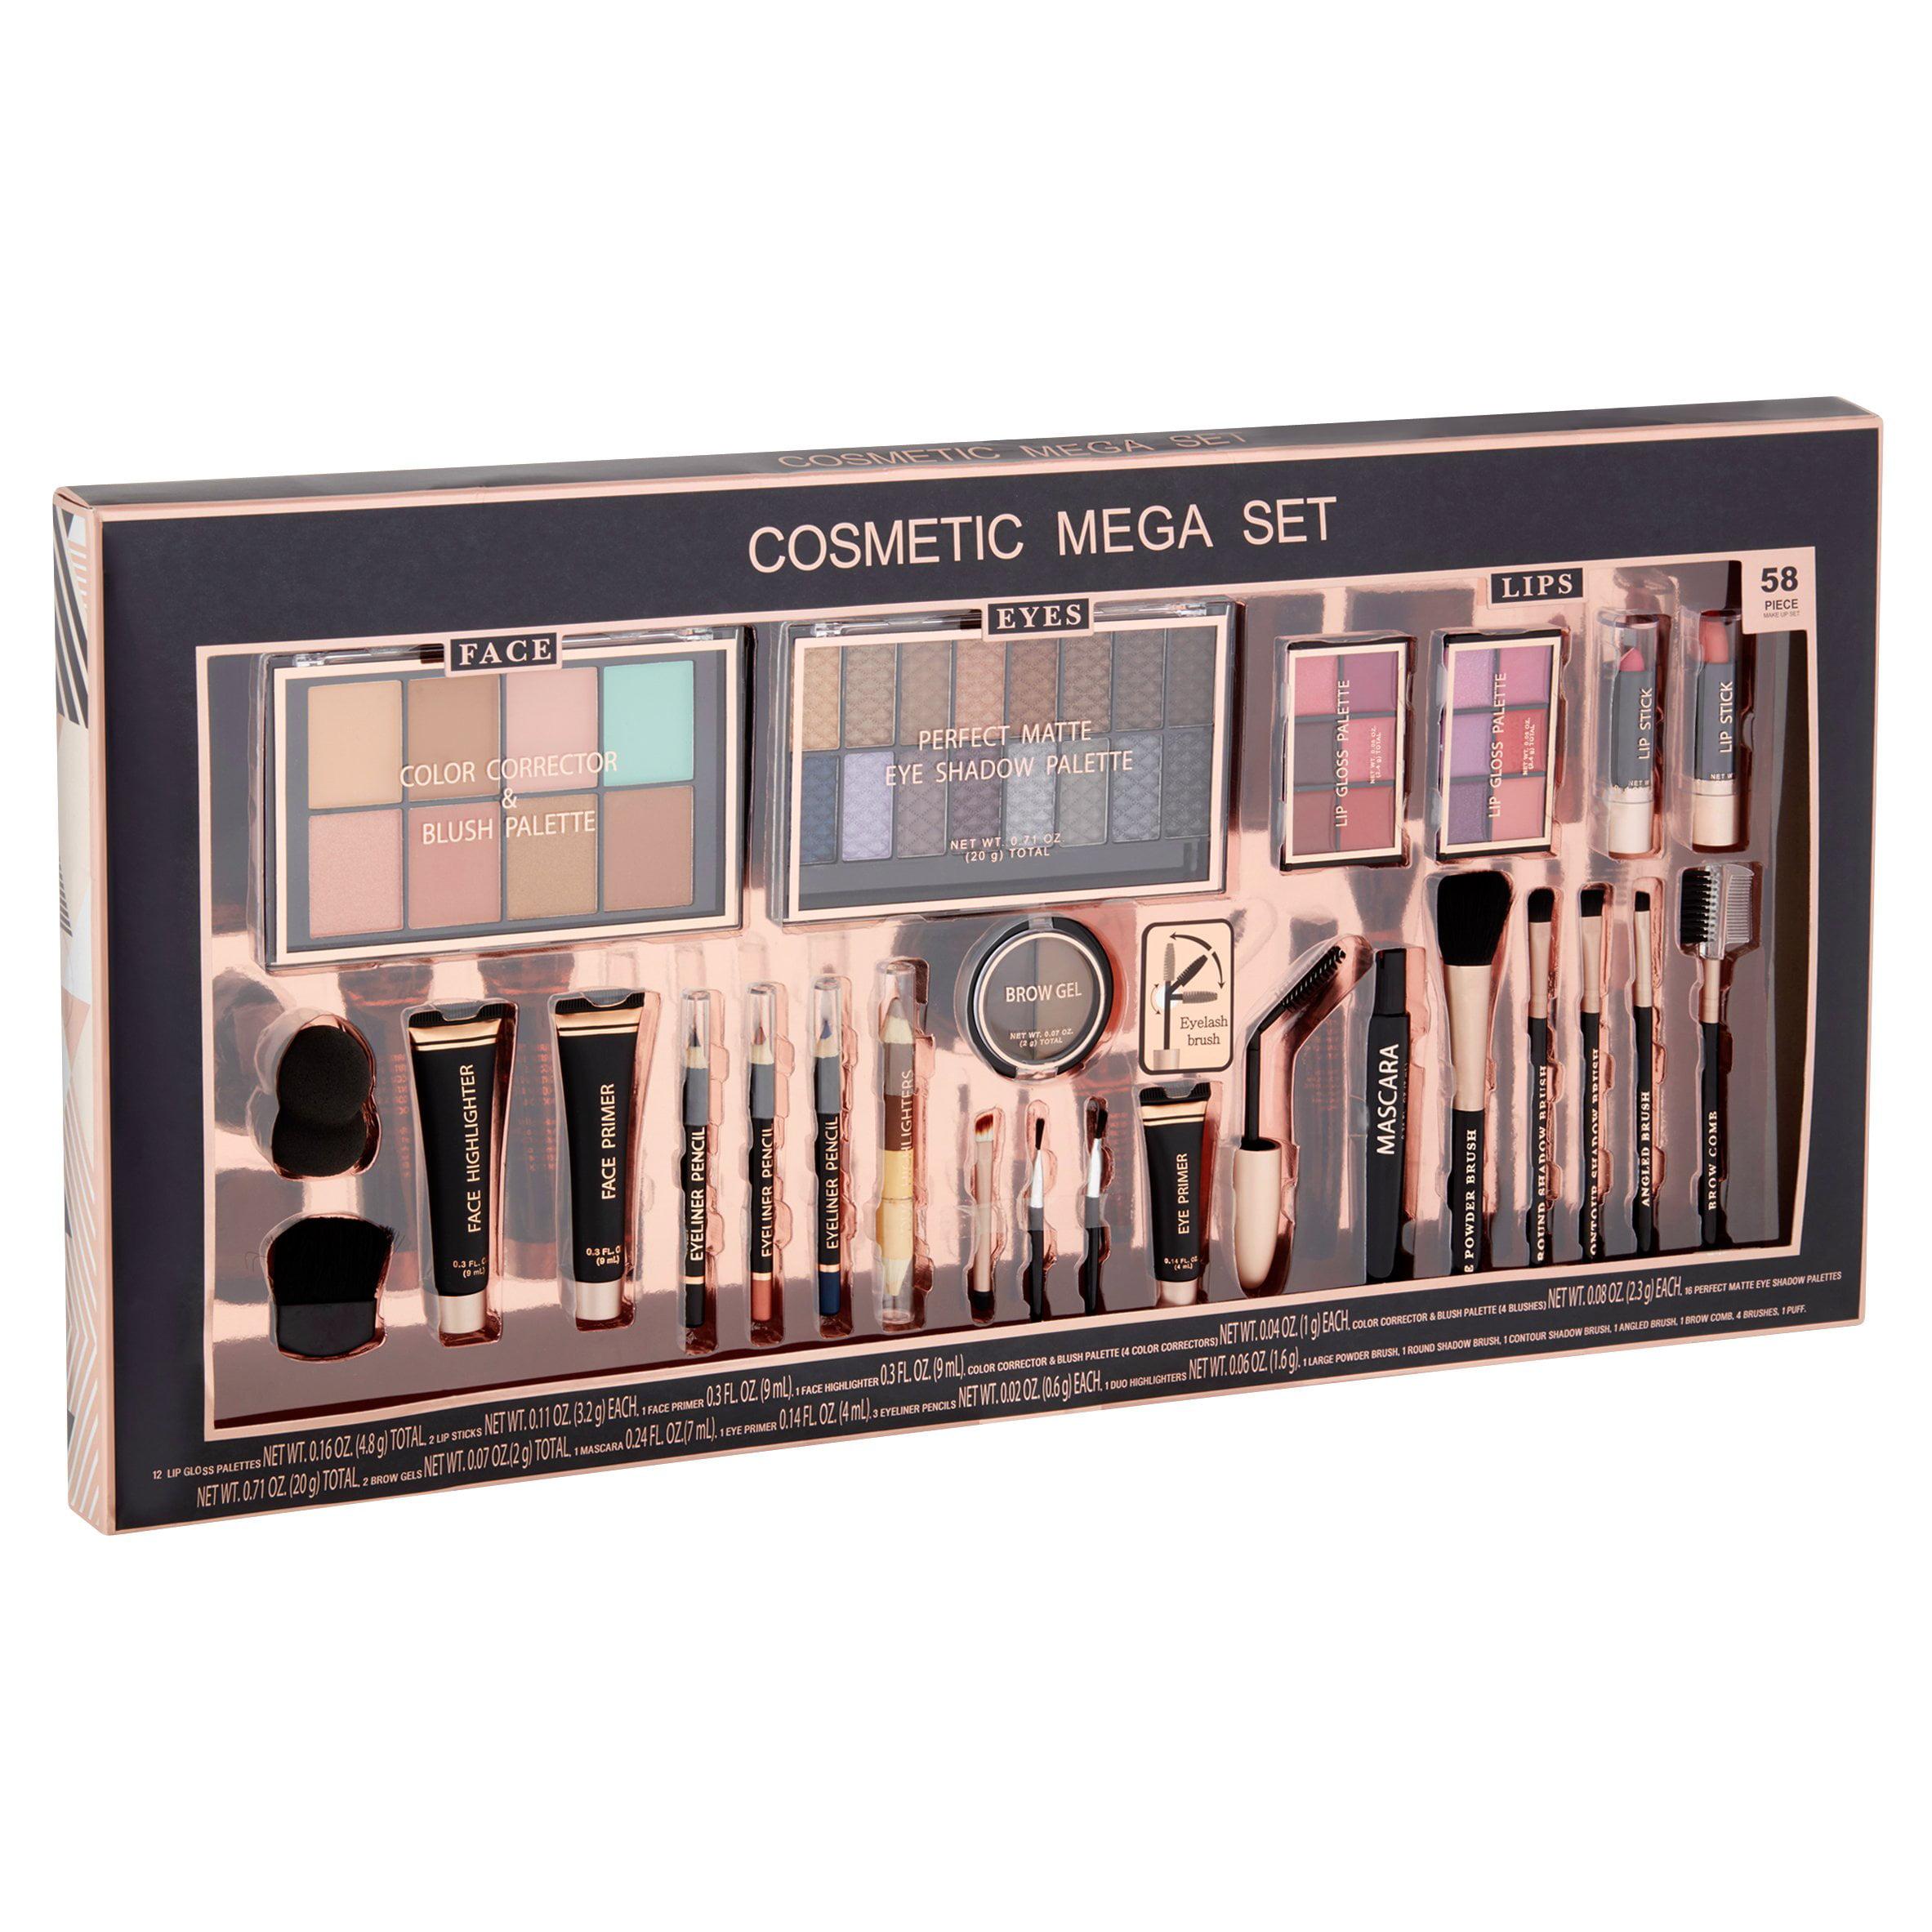 Cosmetic Mega Set, 58 piece - Walmart.com